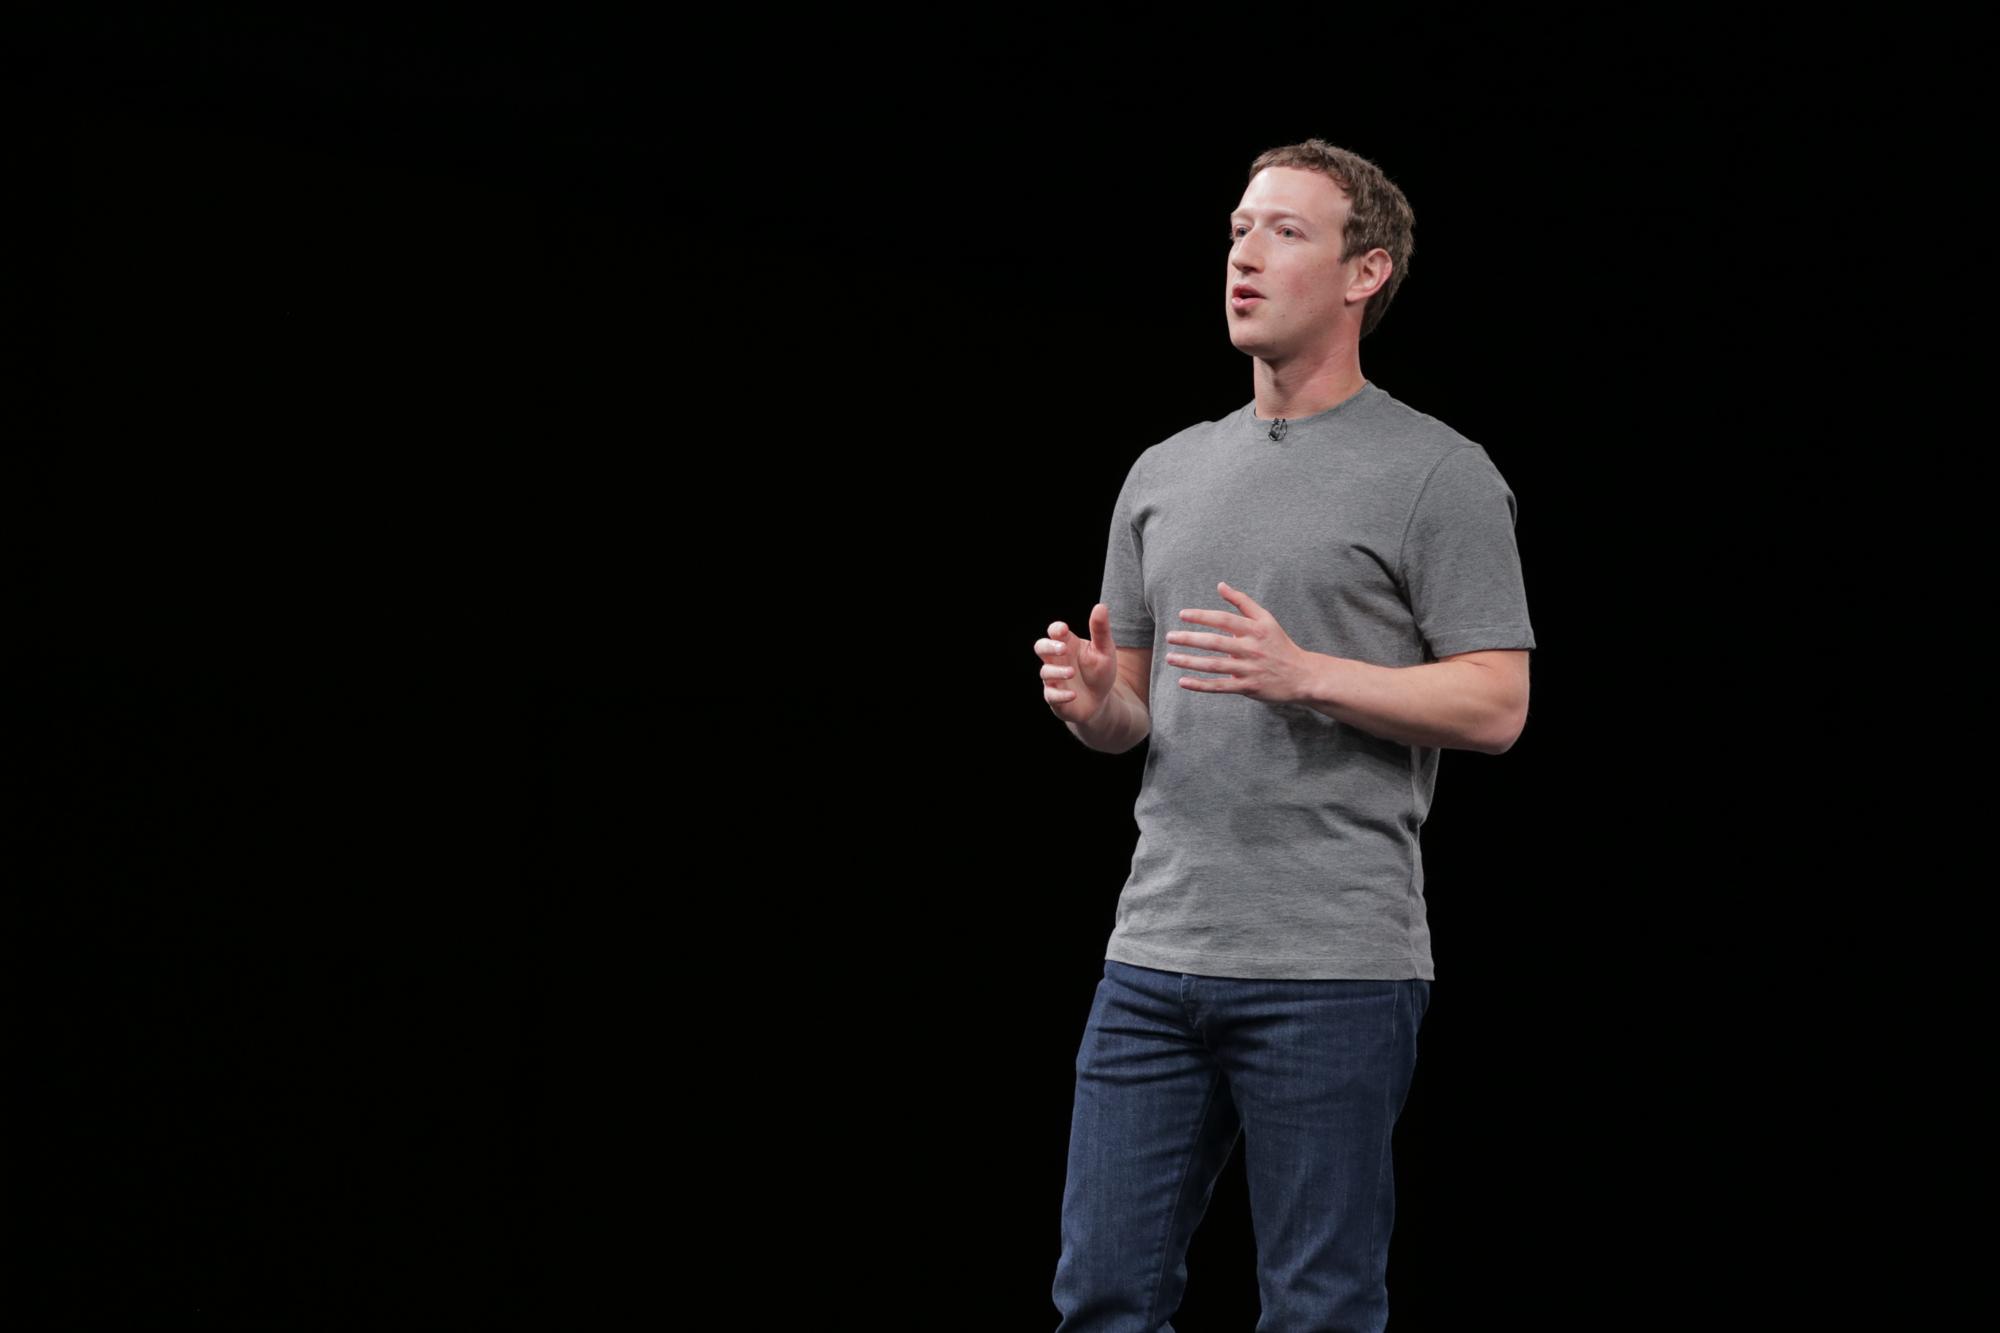 Facebook s'inquiète d'une baisse du partage de contenus personnels